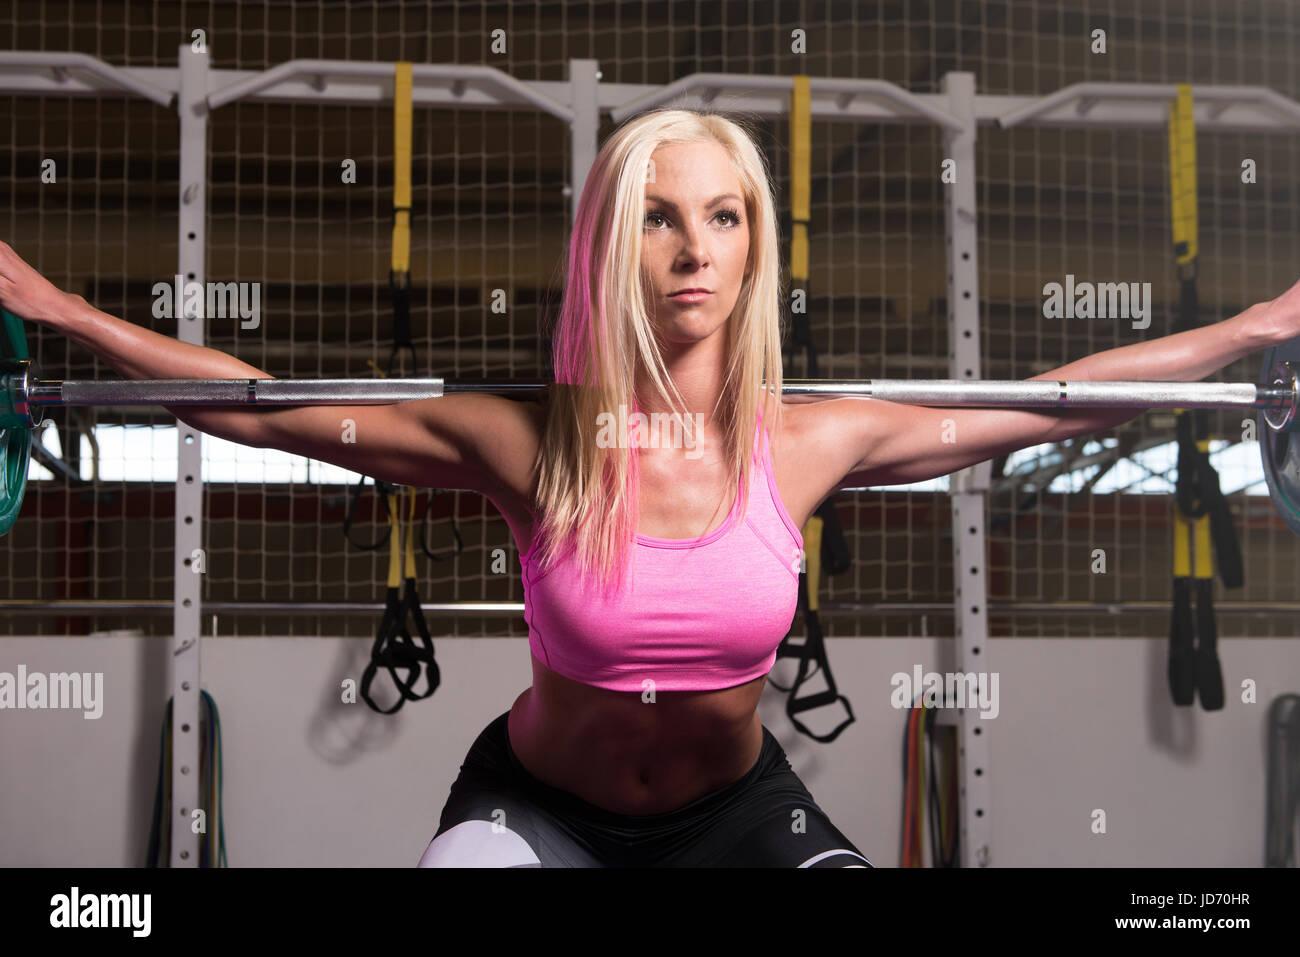 Les Squats D Halteres Fitness Femme Un Des Meilleurs Exercices De Musculation Pour Les Jambes Photo Stock Alamy